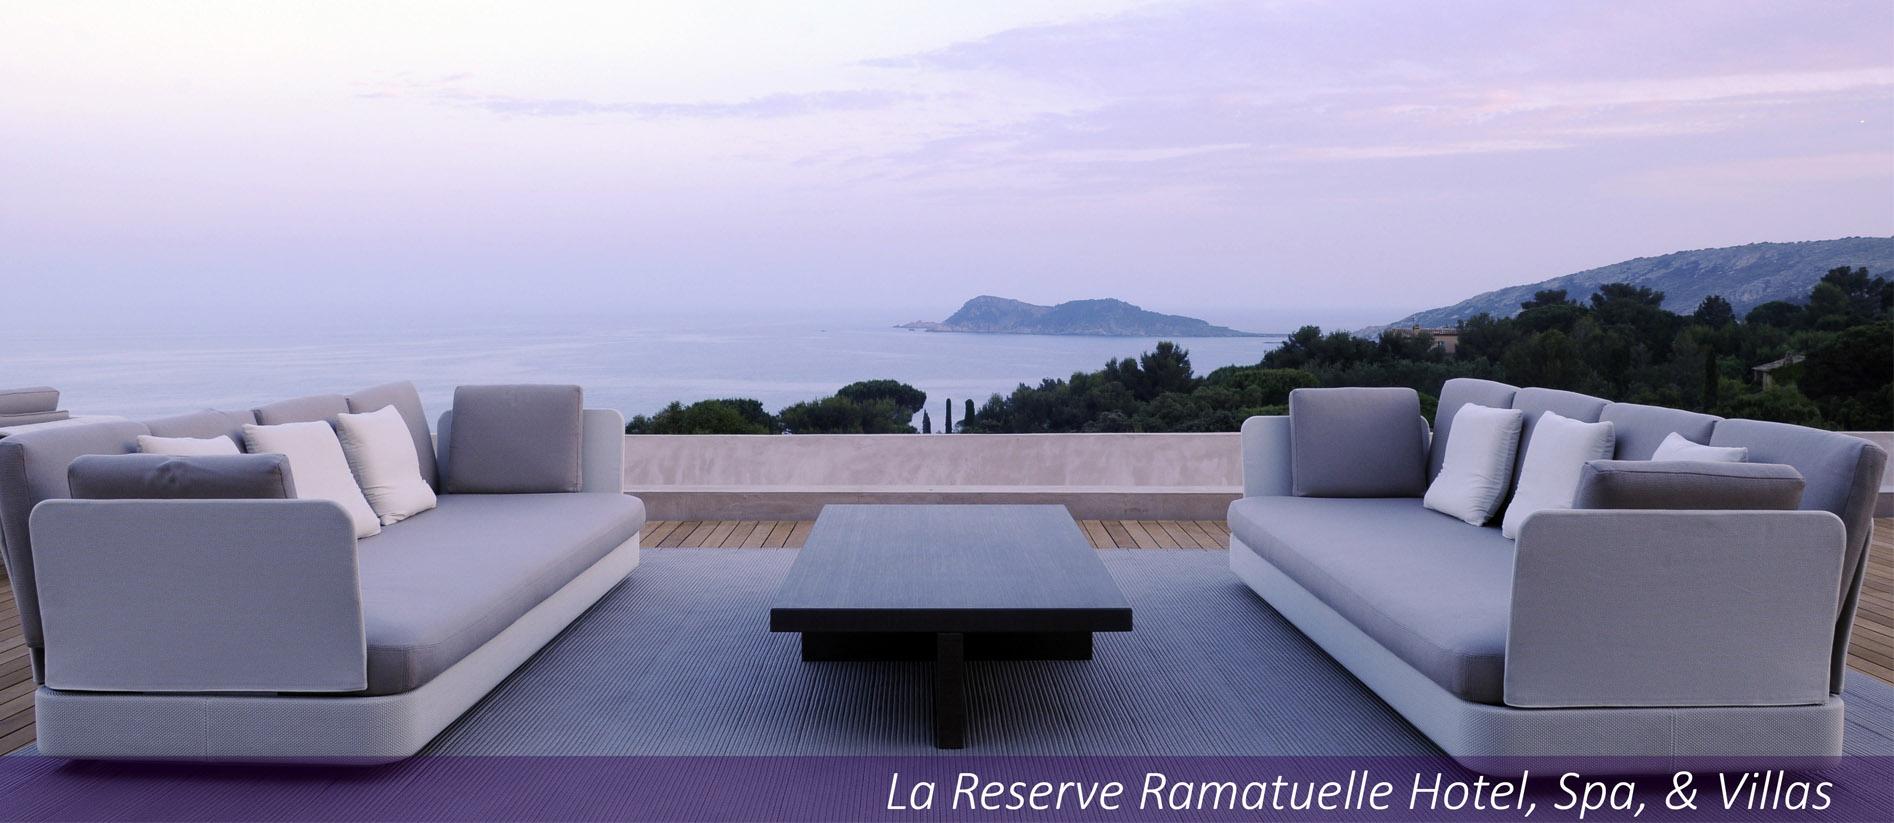 La Reserve Ramatuelle and La Reserve Paris Spring News.